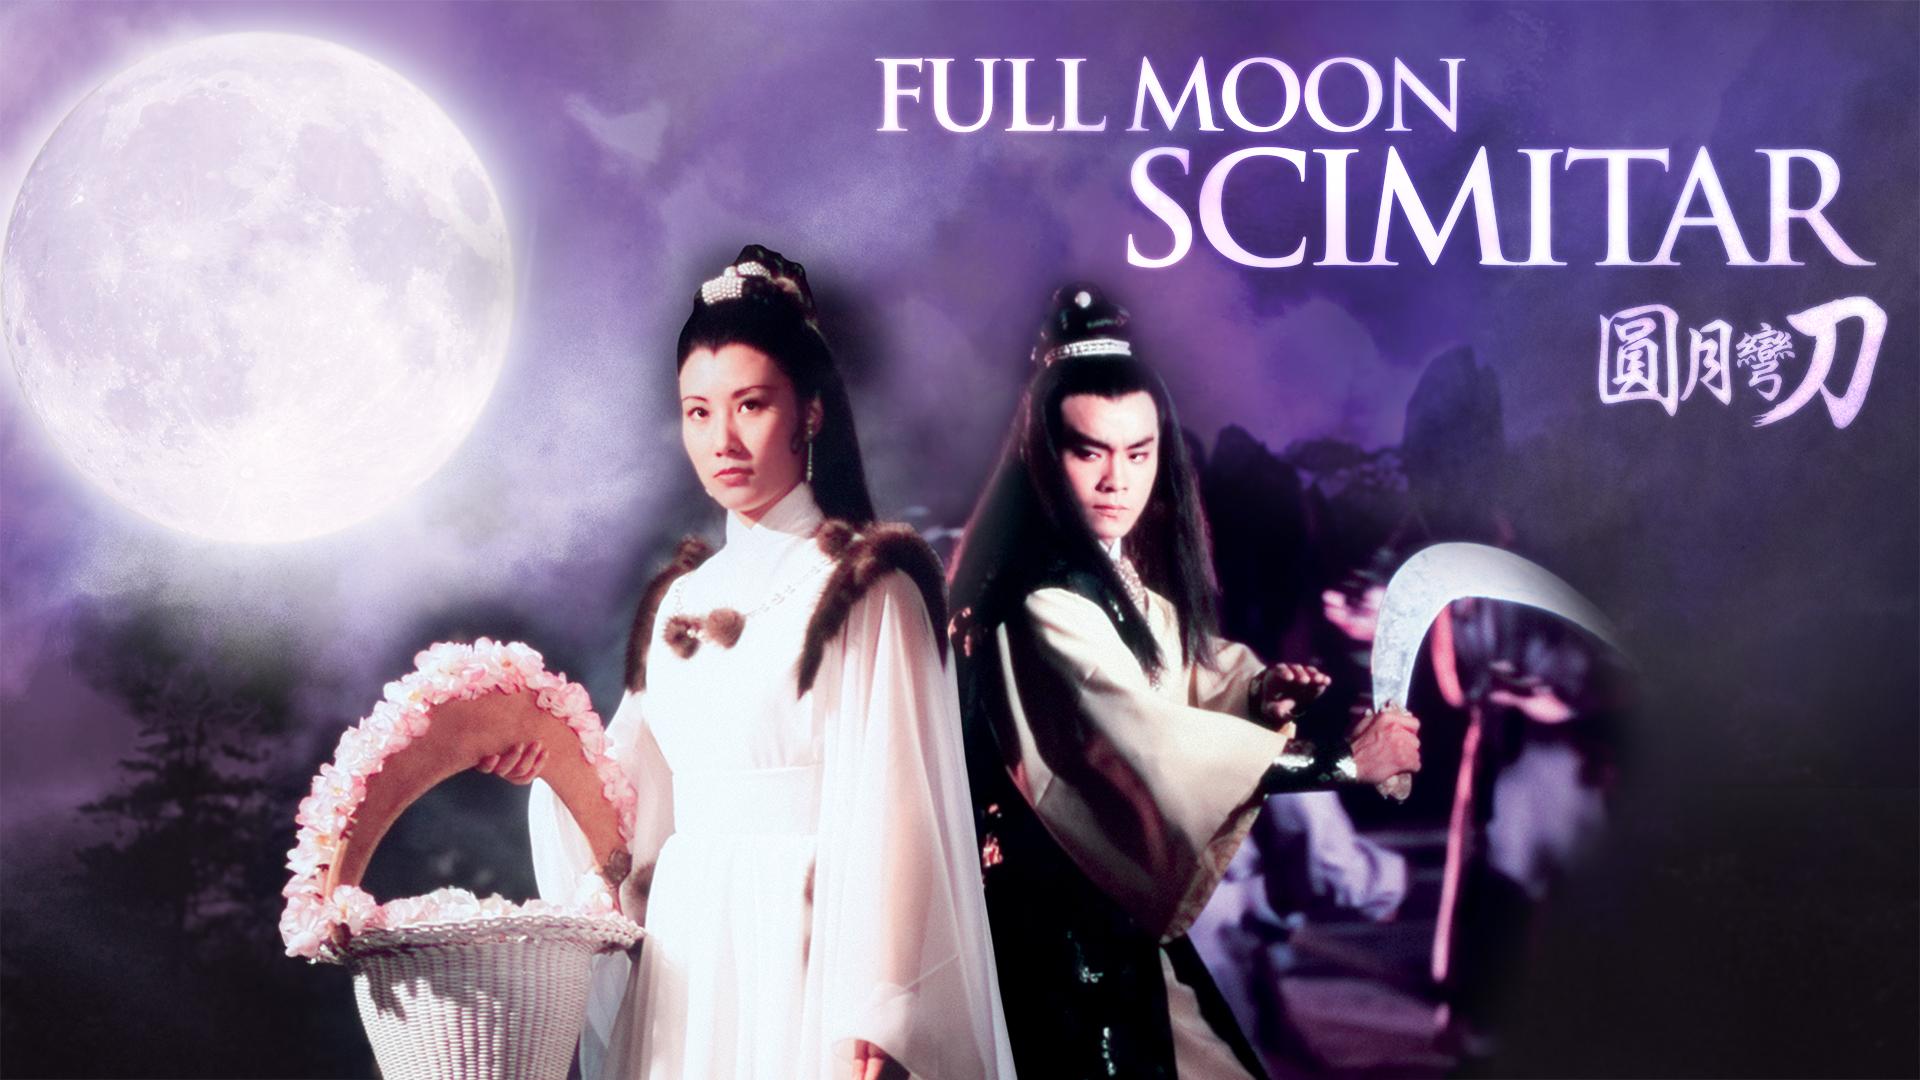 Full Moon Scimitar